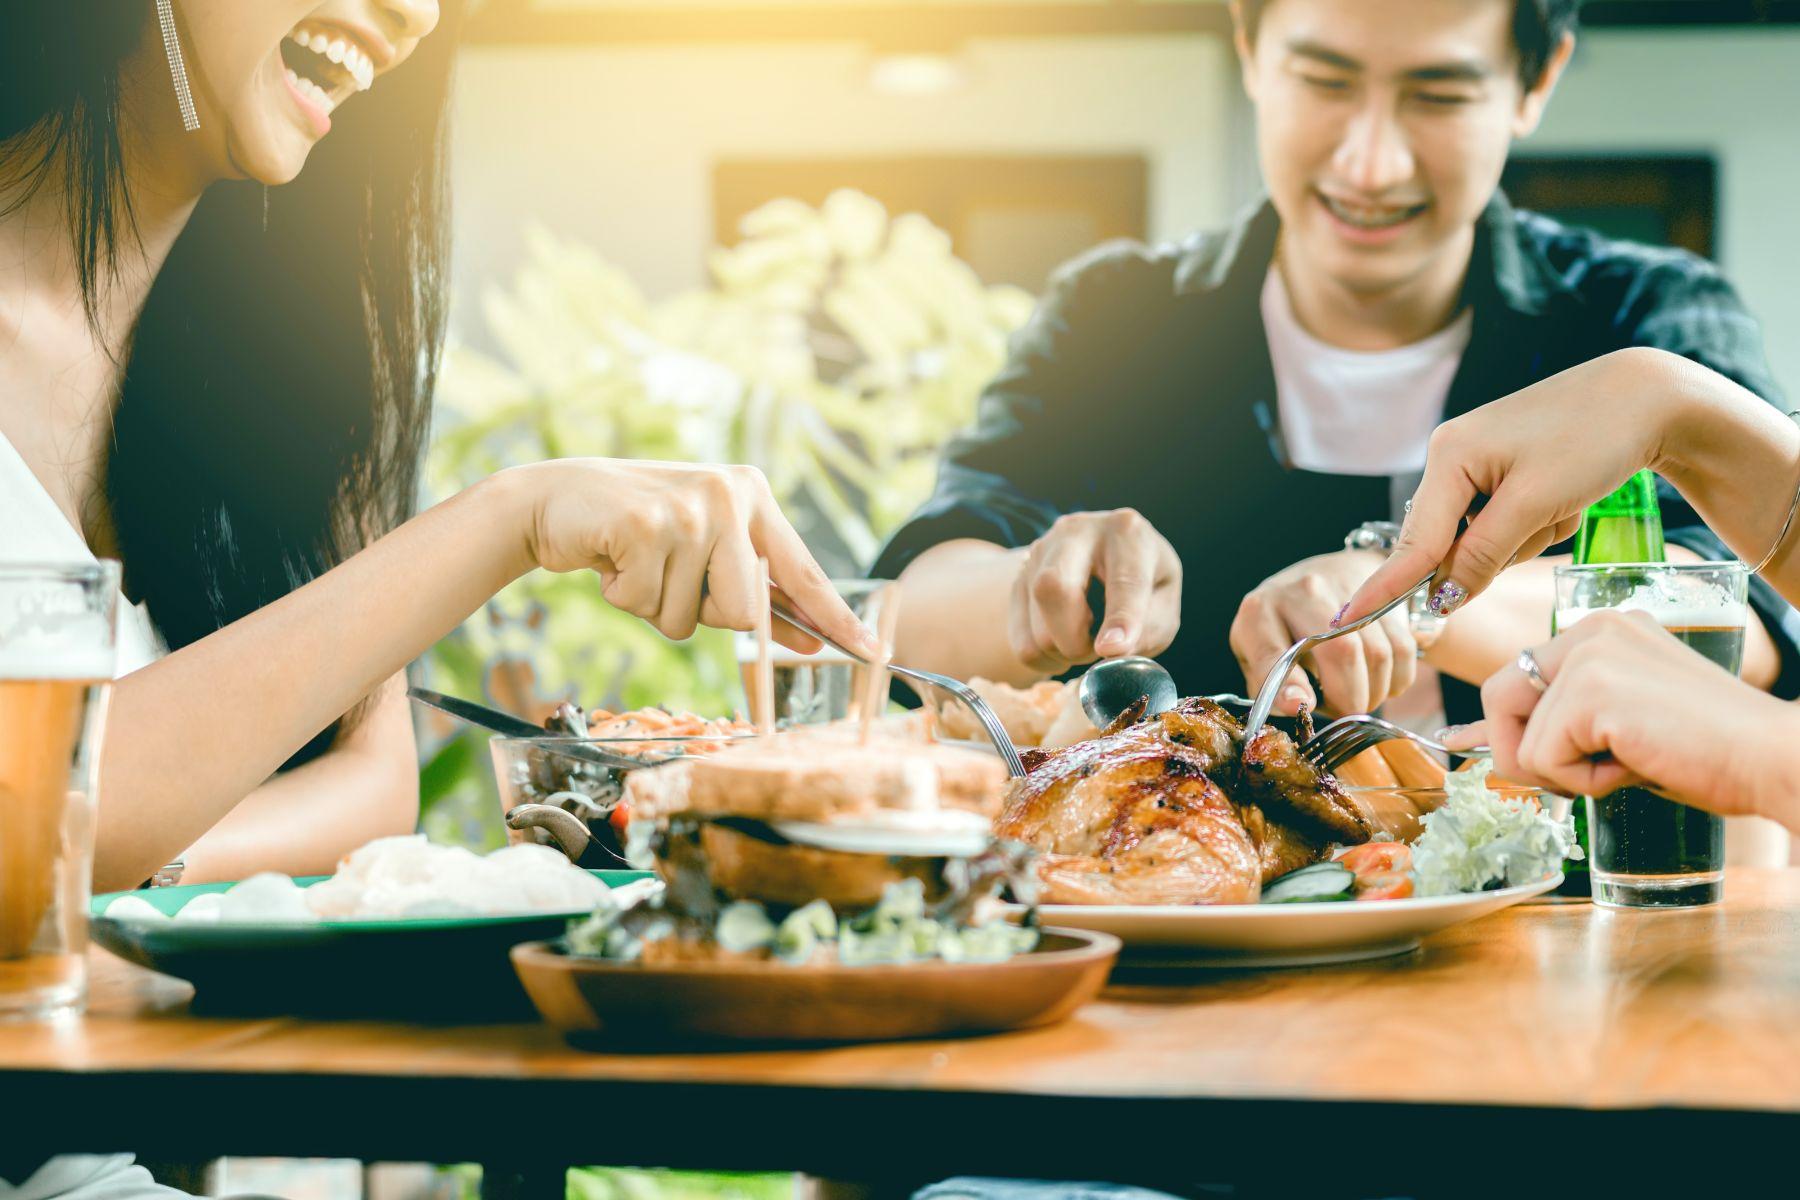 每天吃2片,大腸癌率暴增18%!盤點你天天吃的五大致癌食物